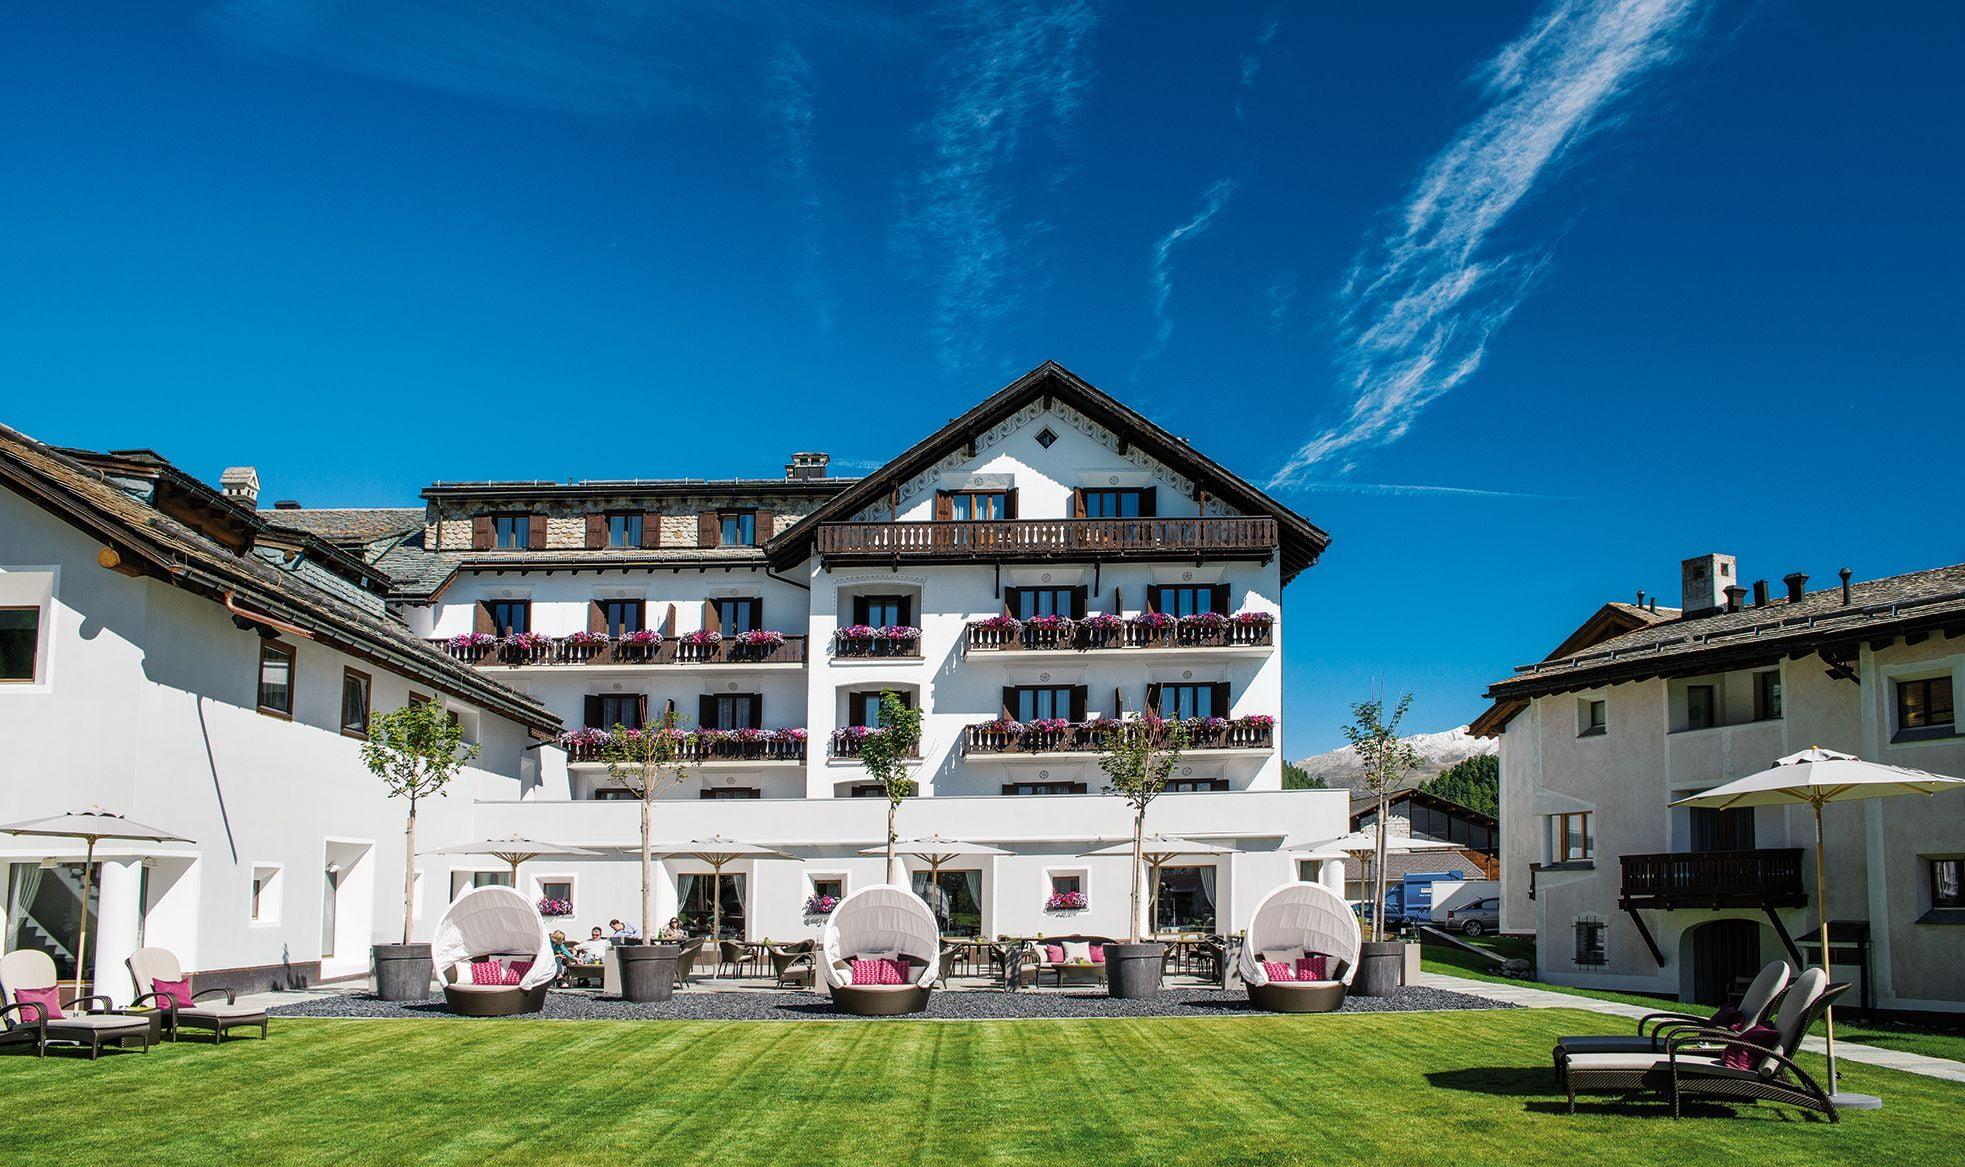 Hotel Giardino Mountain, St. Moritz-Champf